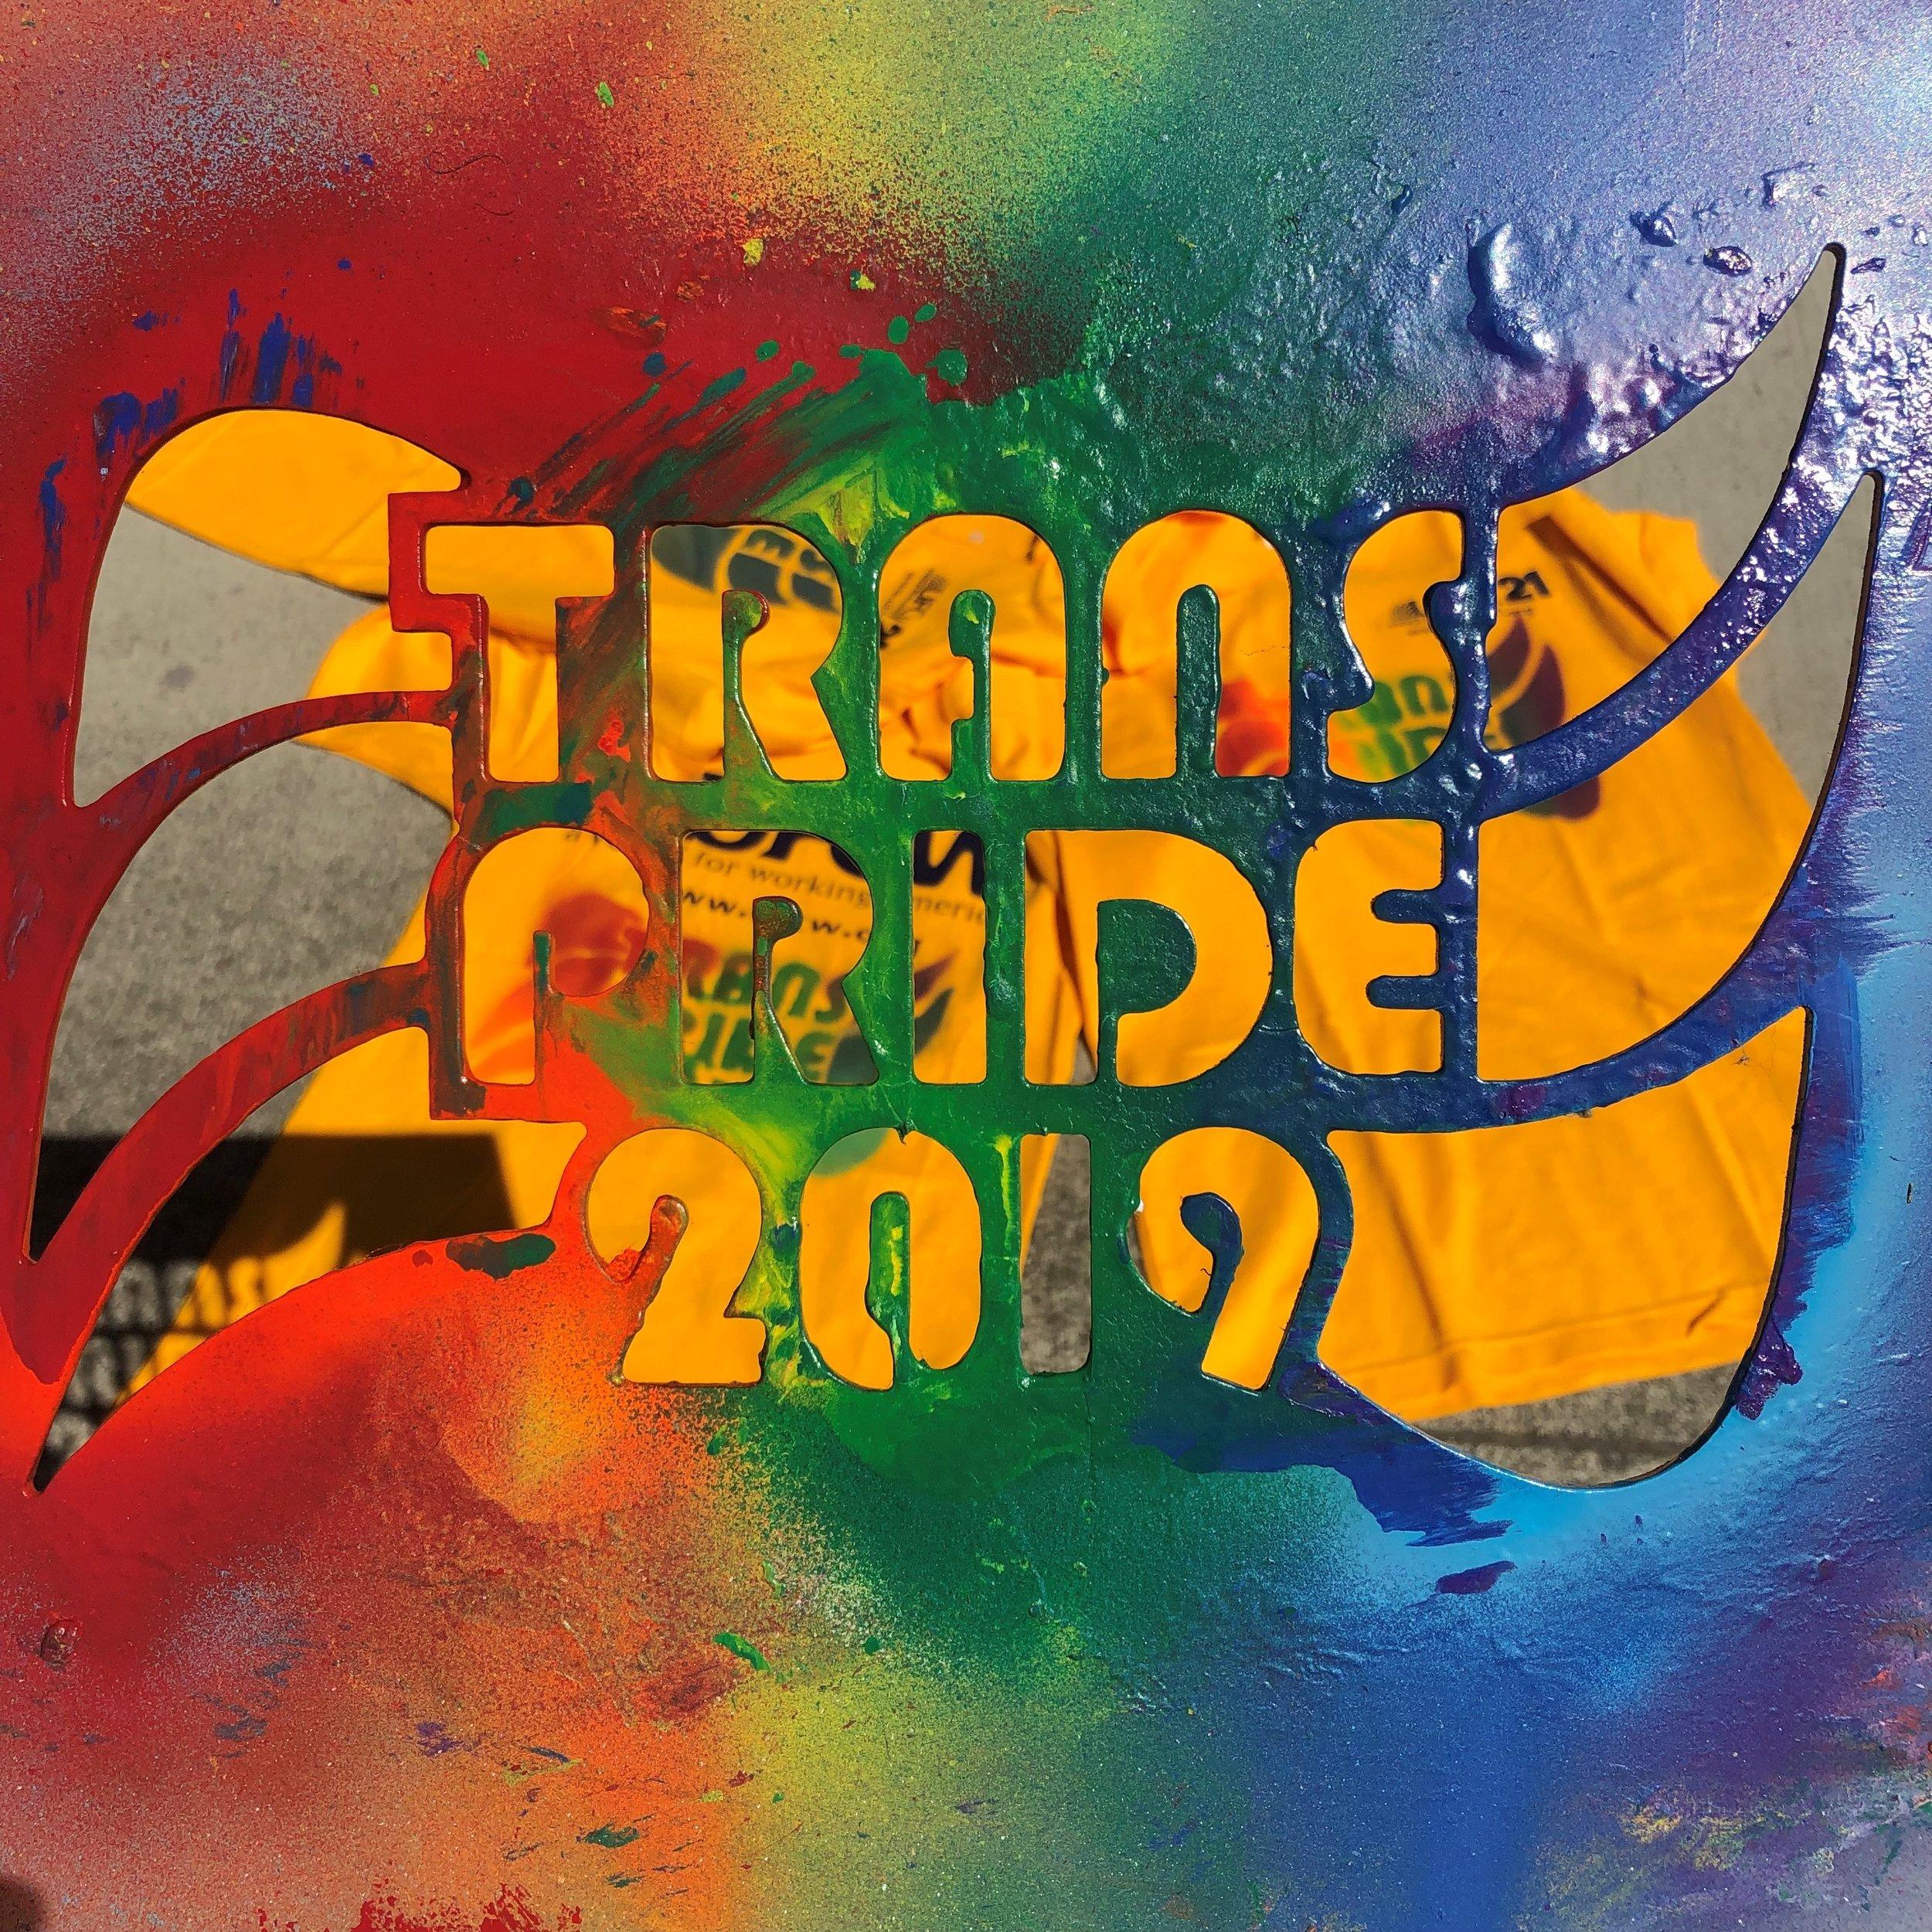 trans pride image.jpg